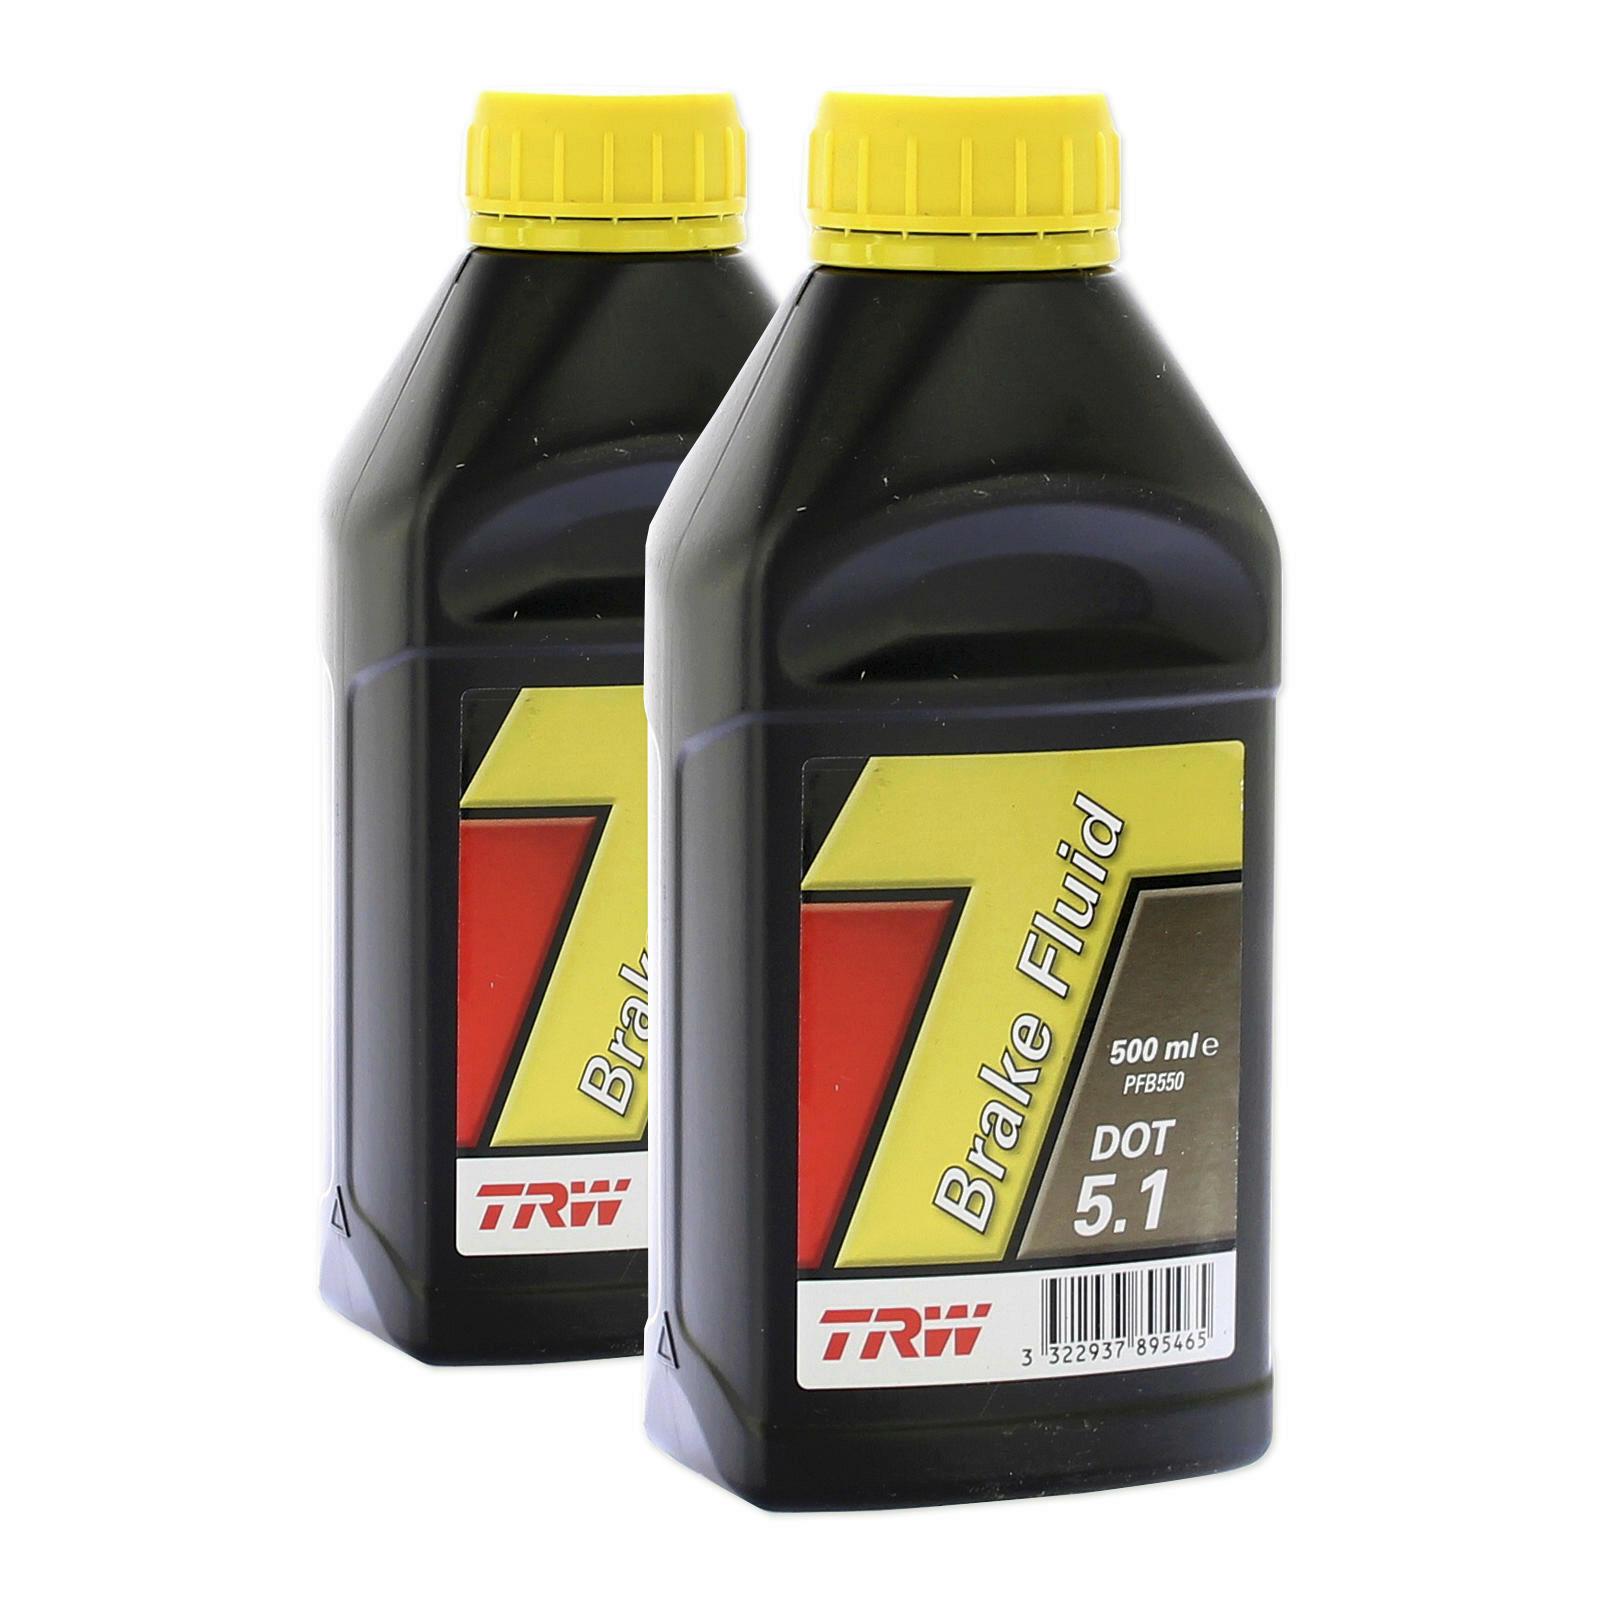 2x TRW Bremsflüssigkeit DOT 5.1 500ml